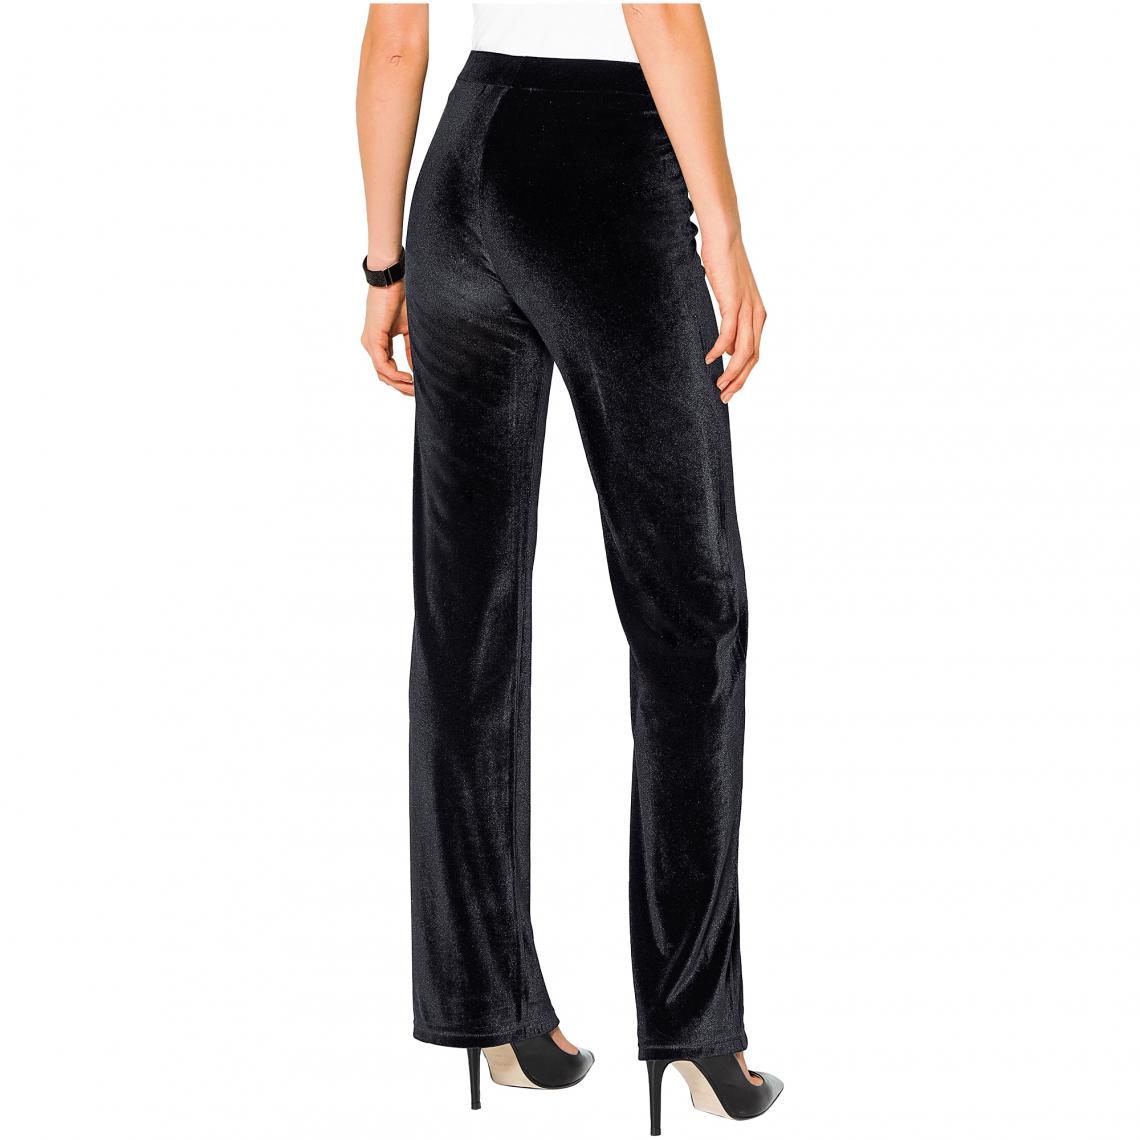 Habillé Pantalon Noir3 Suisses Femme En Velours dQxerWCBoE